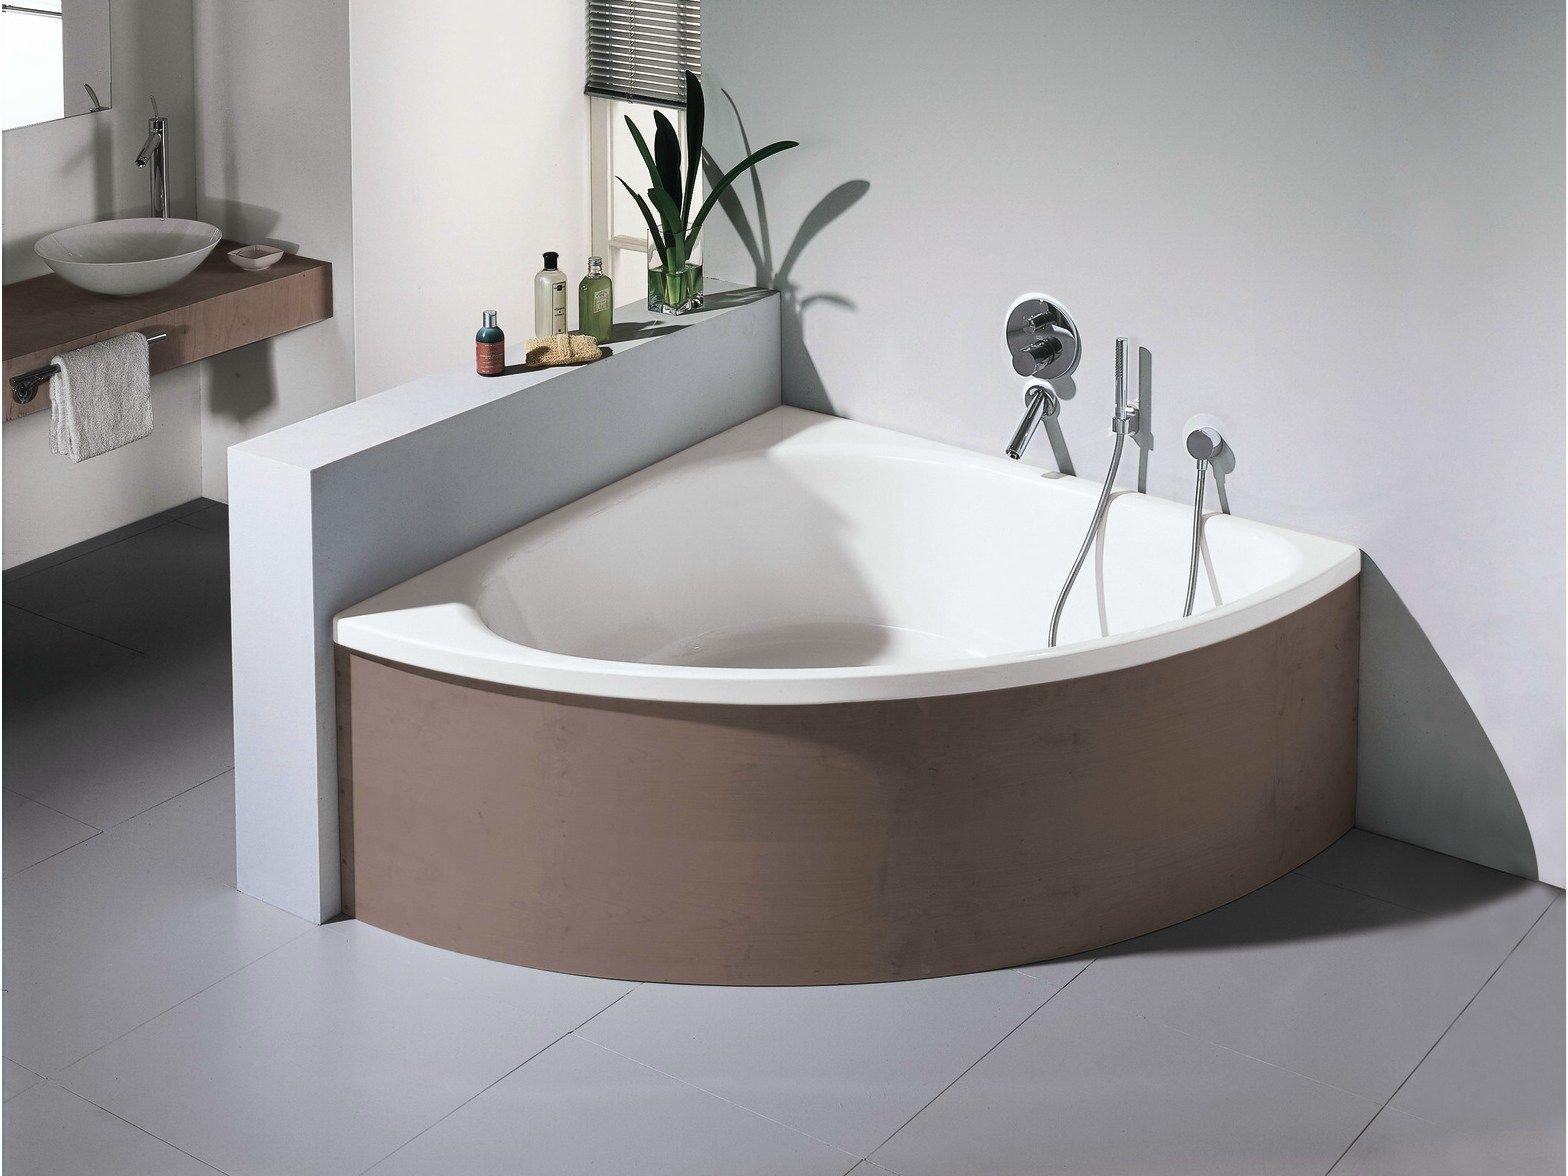 Perfect vasca da bagno angolare in acciaio smaltato betteart v by bette design tesseraux partner - Misure vasca da bagno piccola ...